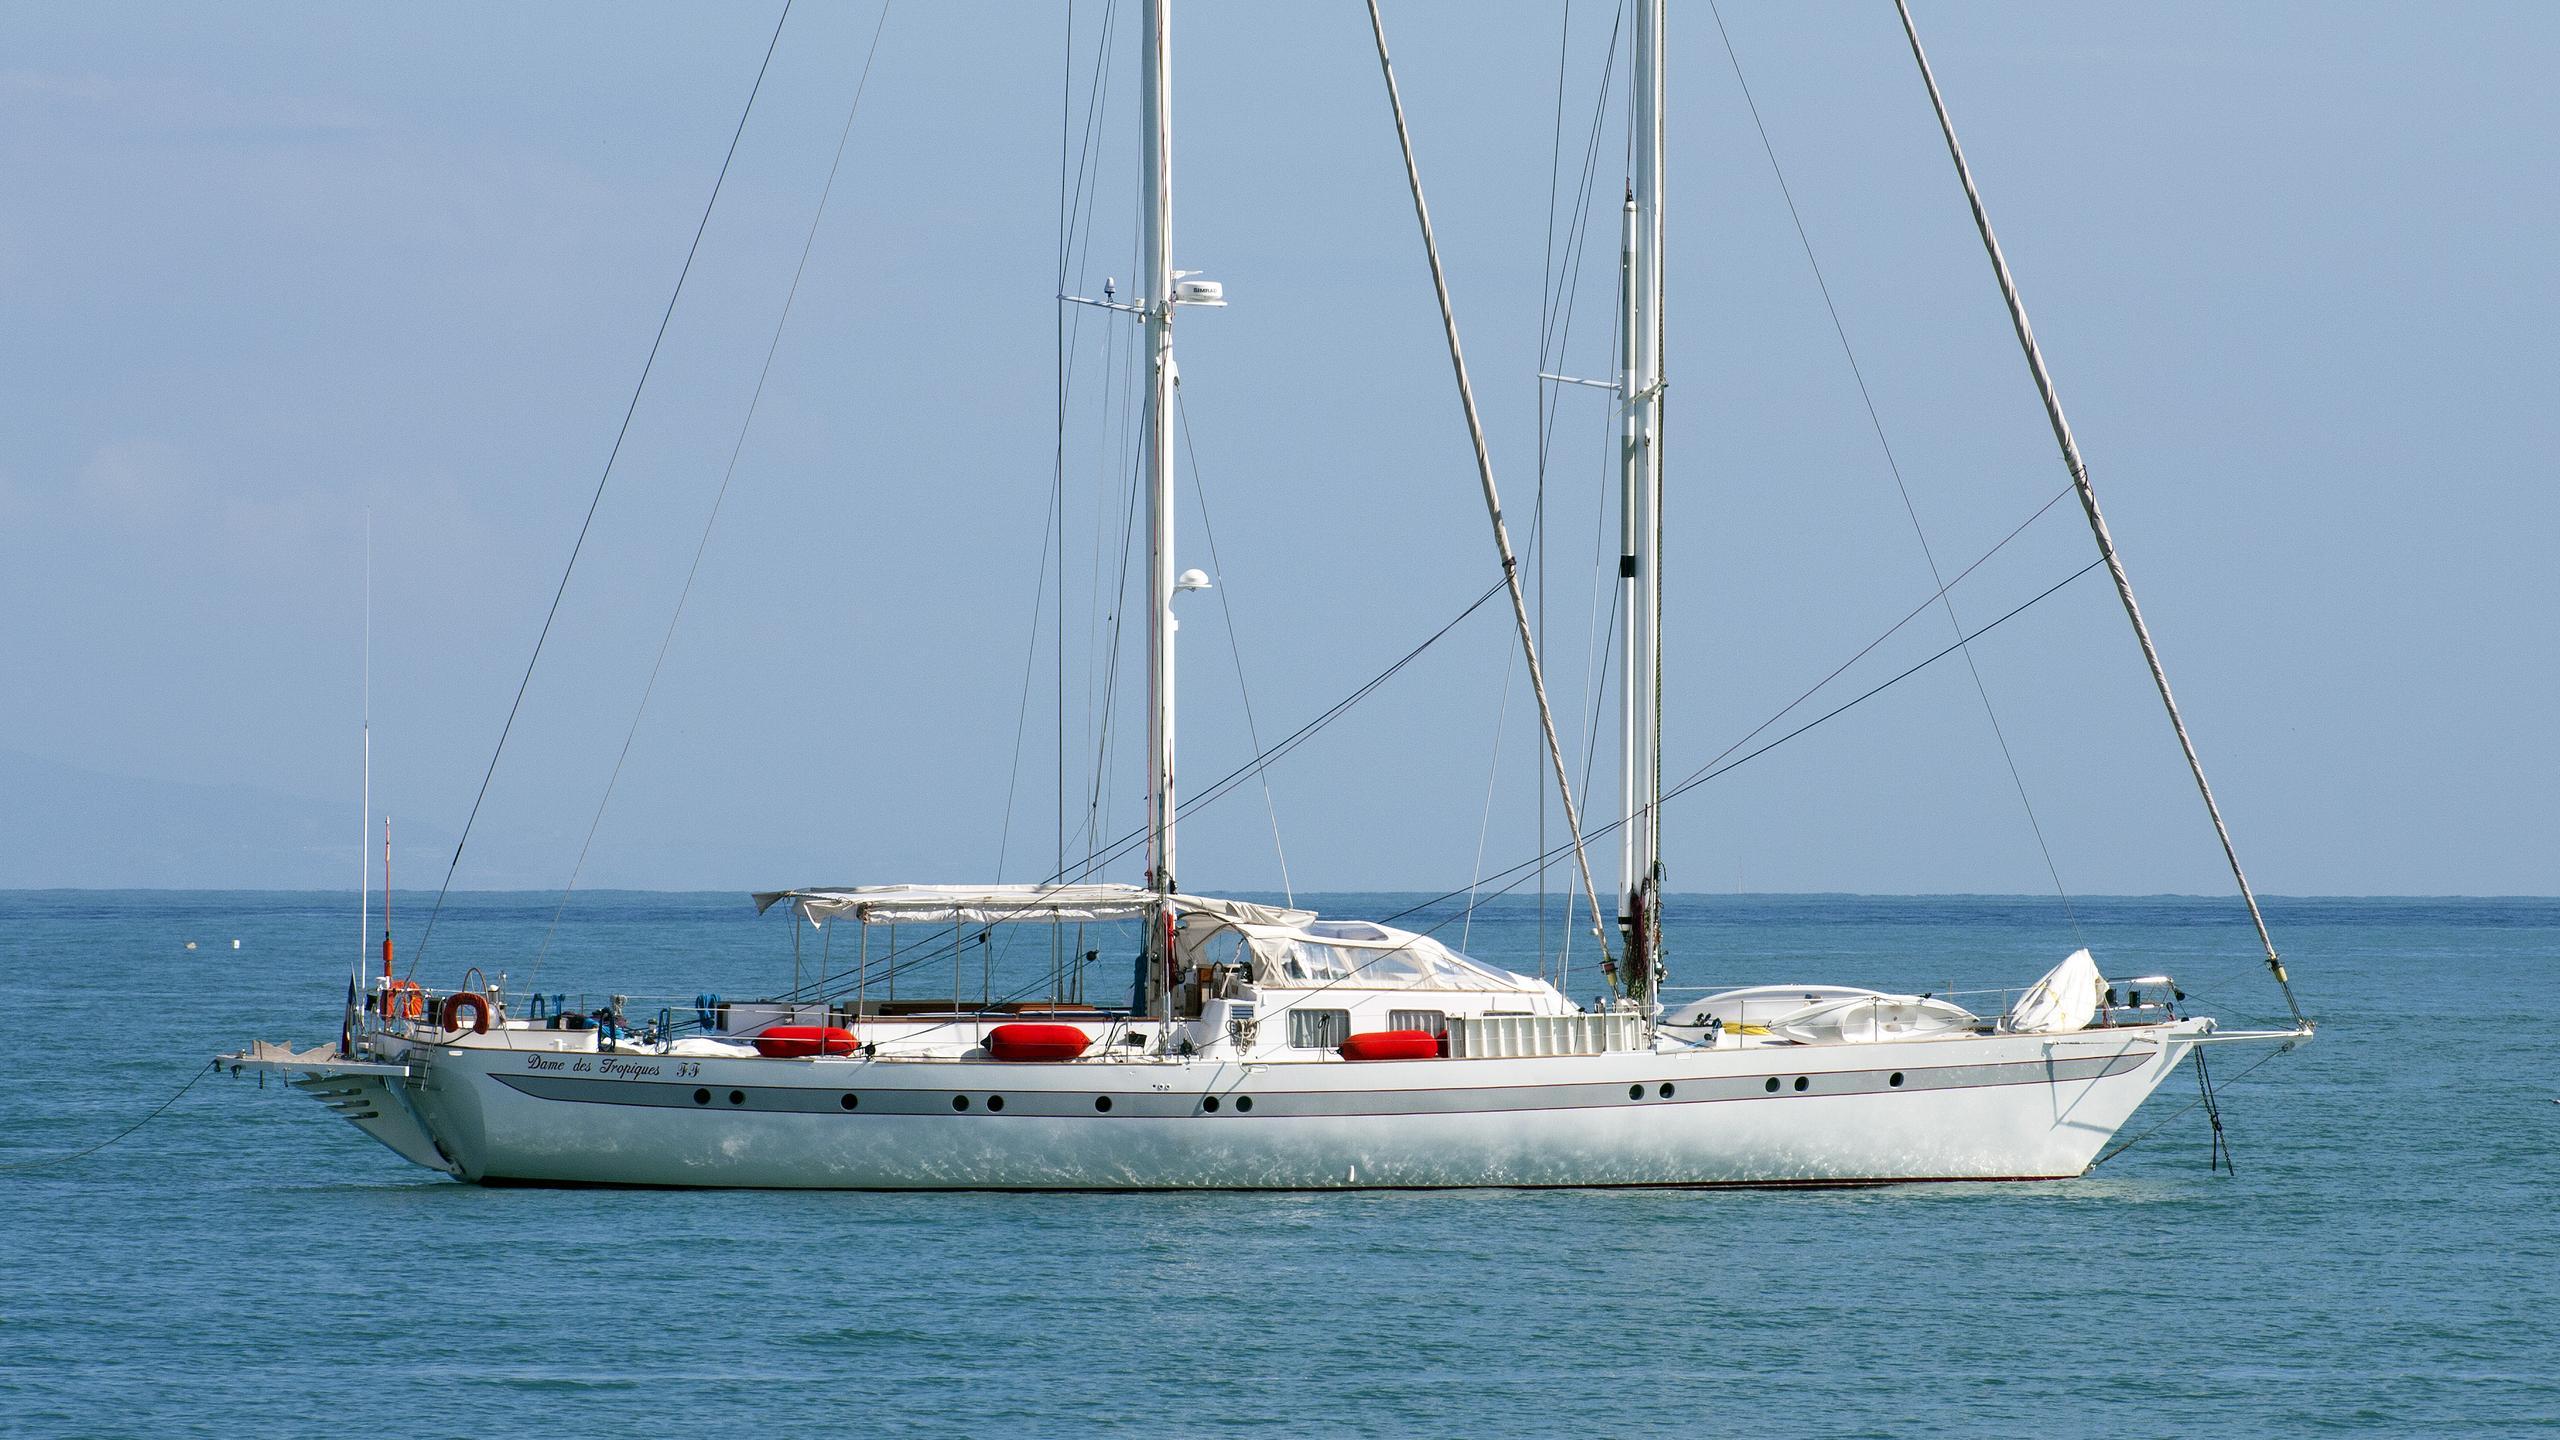 dame-des-tropiques-sailing-yacht-st-brevin-1991-28m-profile